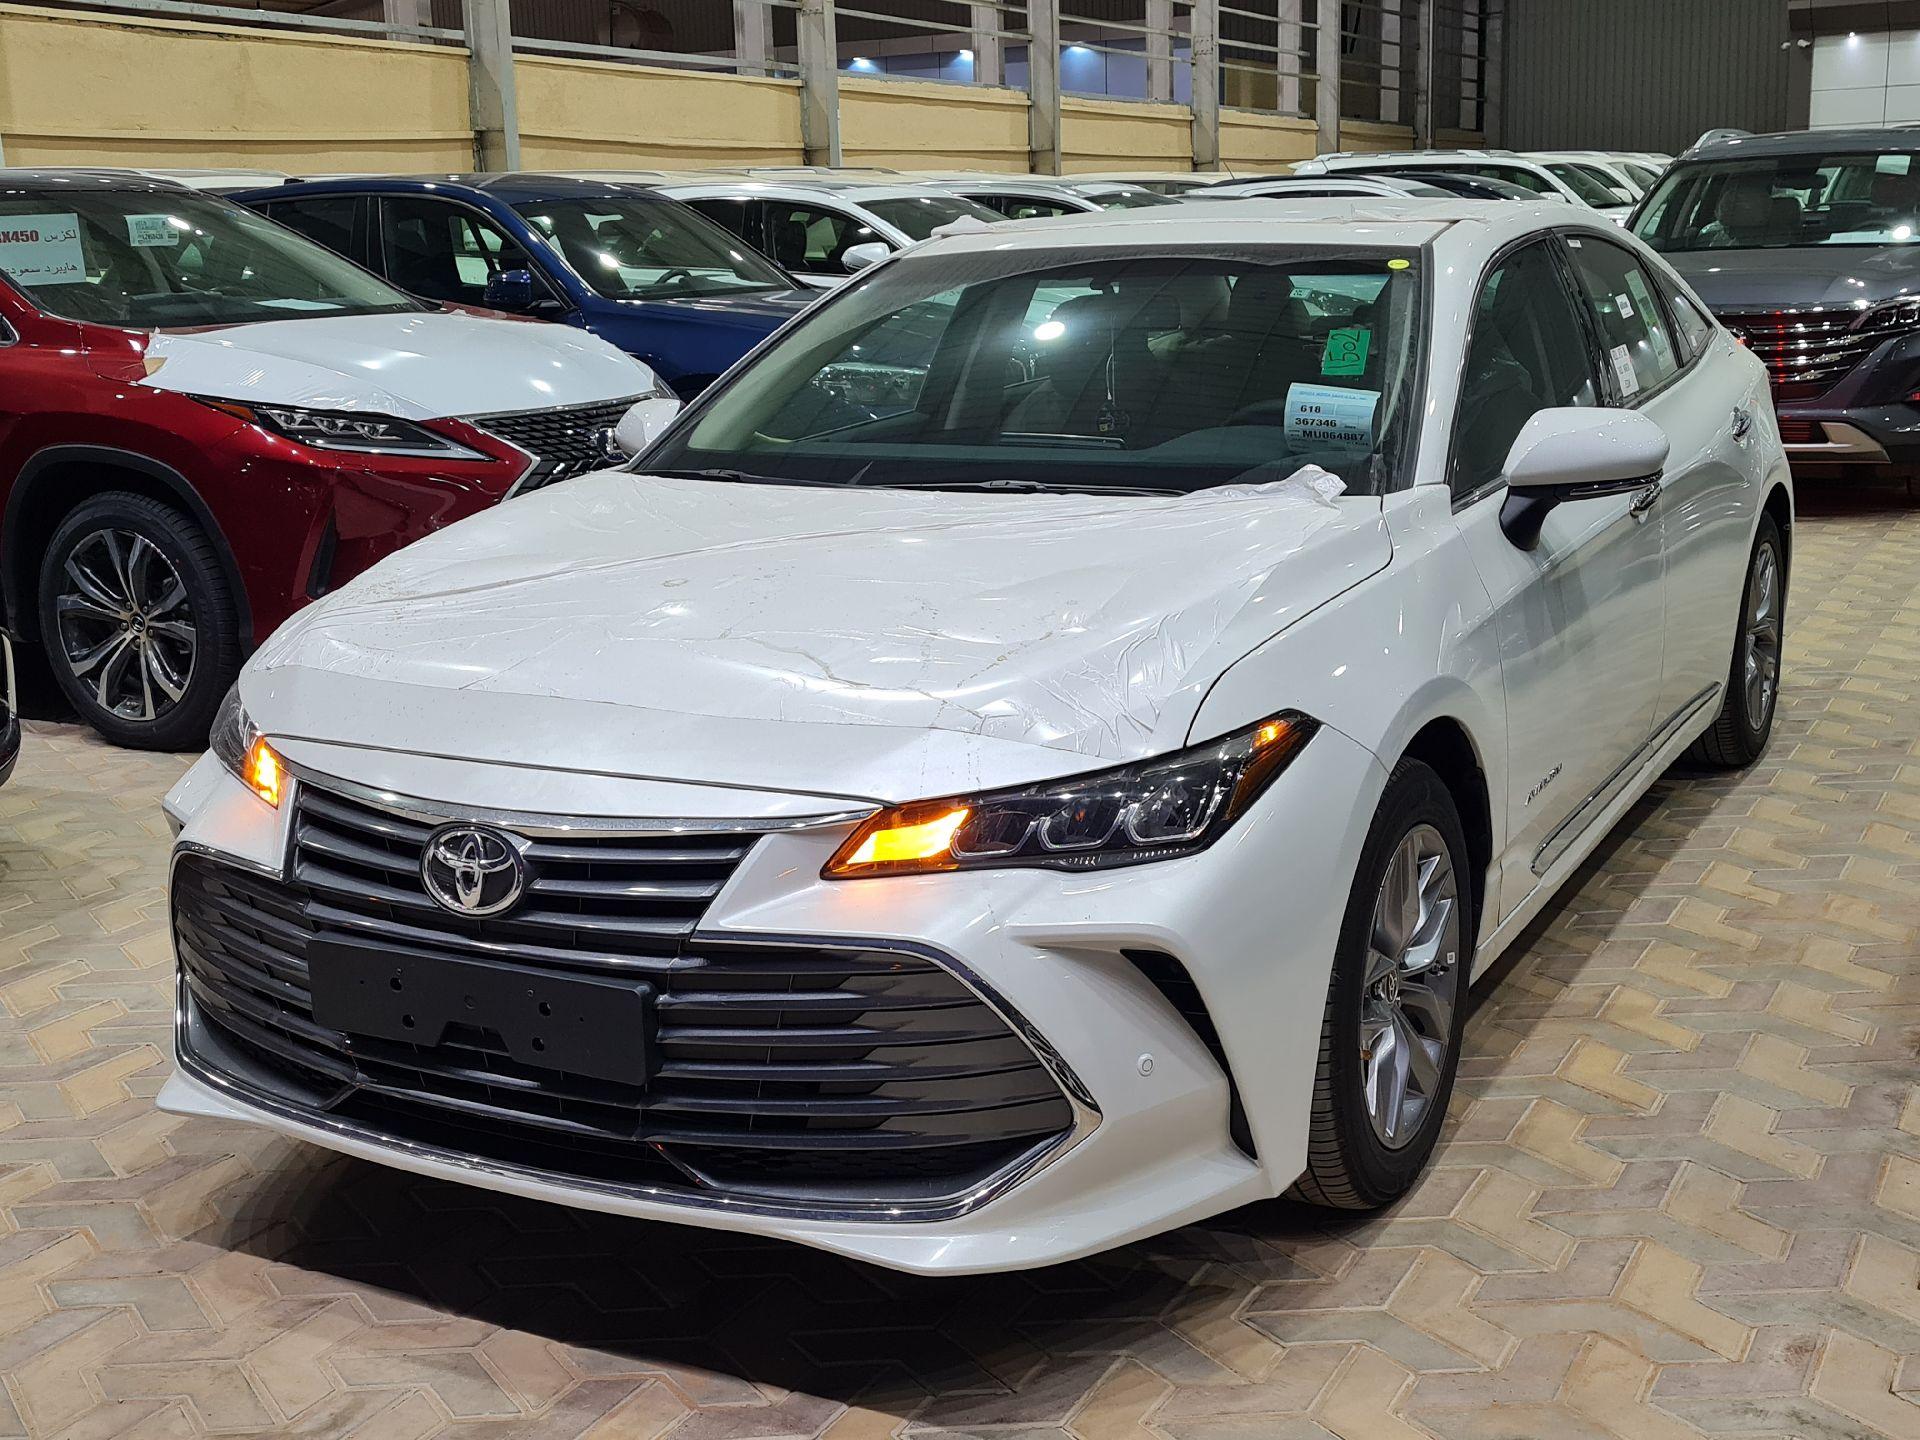 تويوتا افالون Touring نص فل 2021  سعودي جديد للبيع في الرياض - السعودية - صورة كبيرة - 1